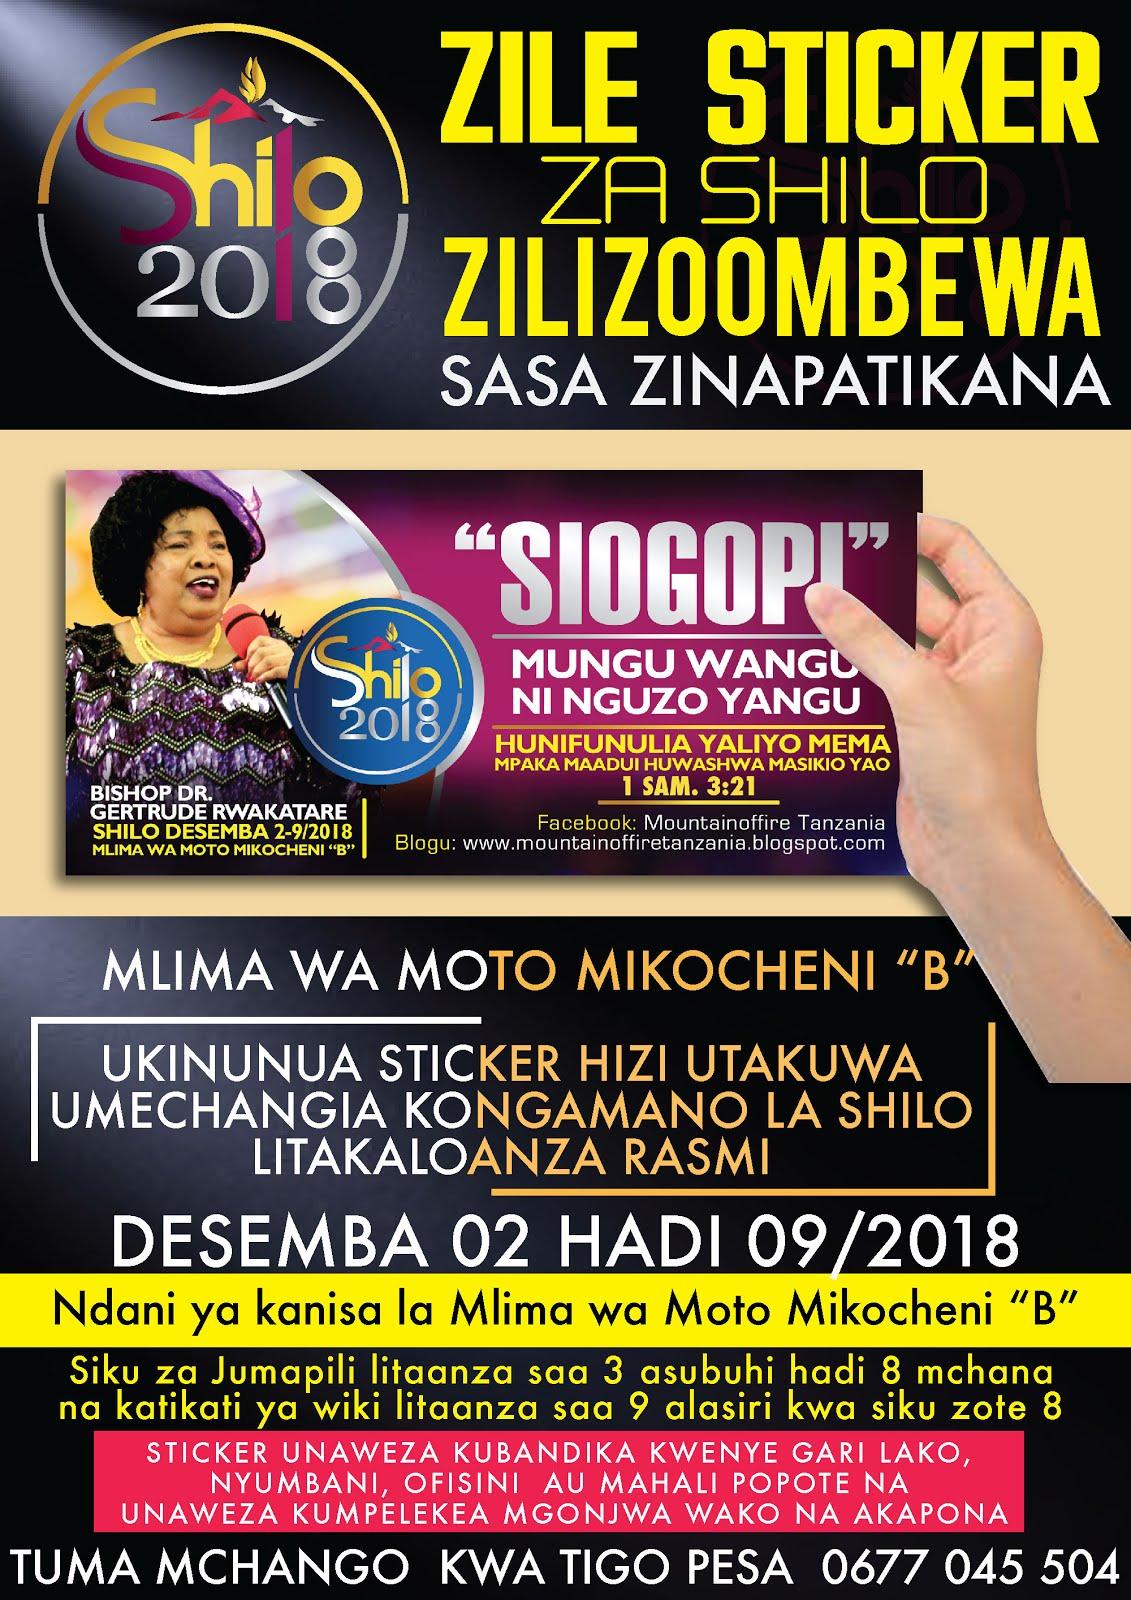 SHILO 2018 STICKER